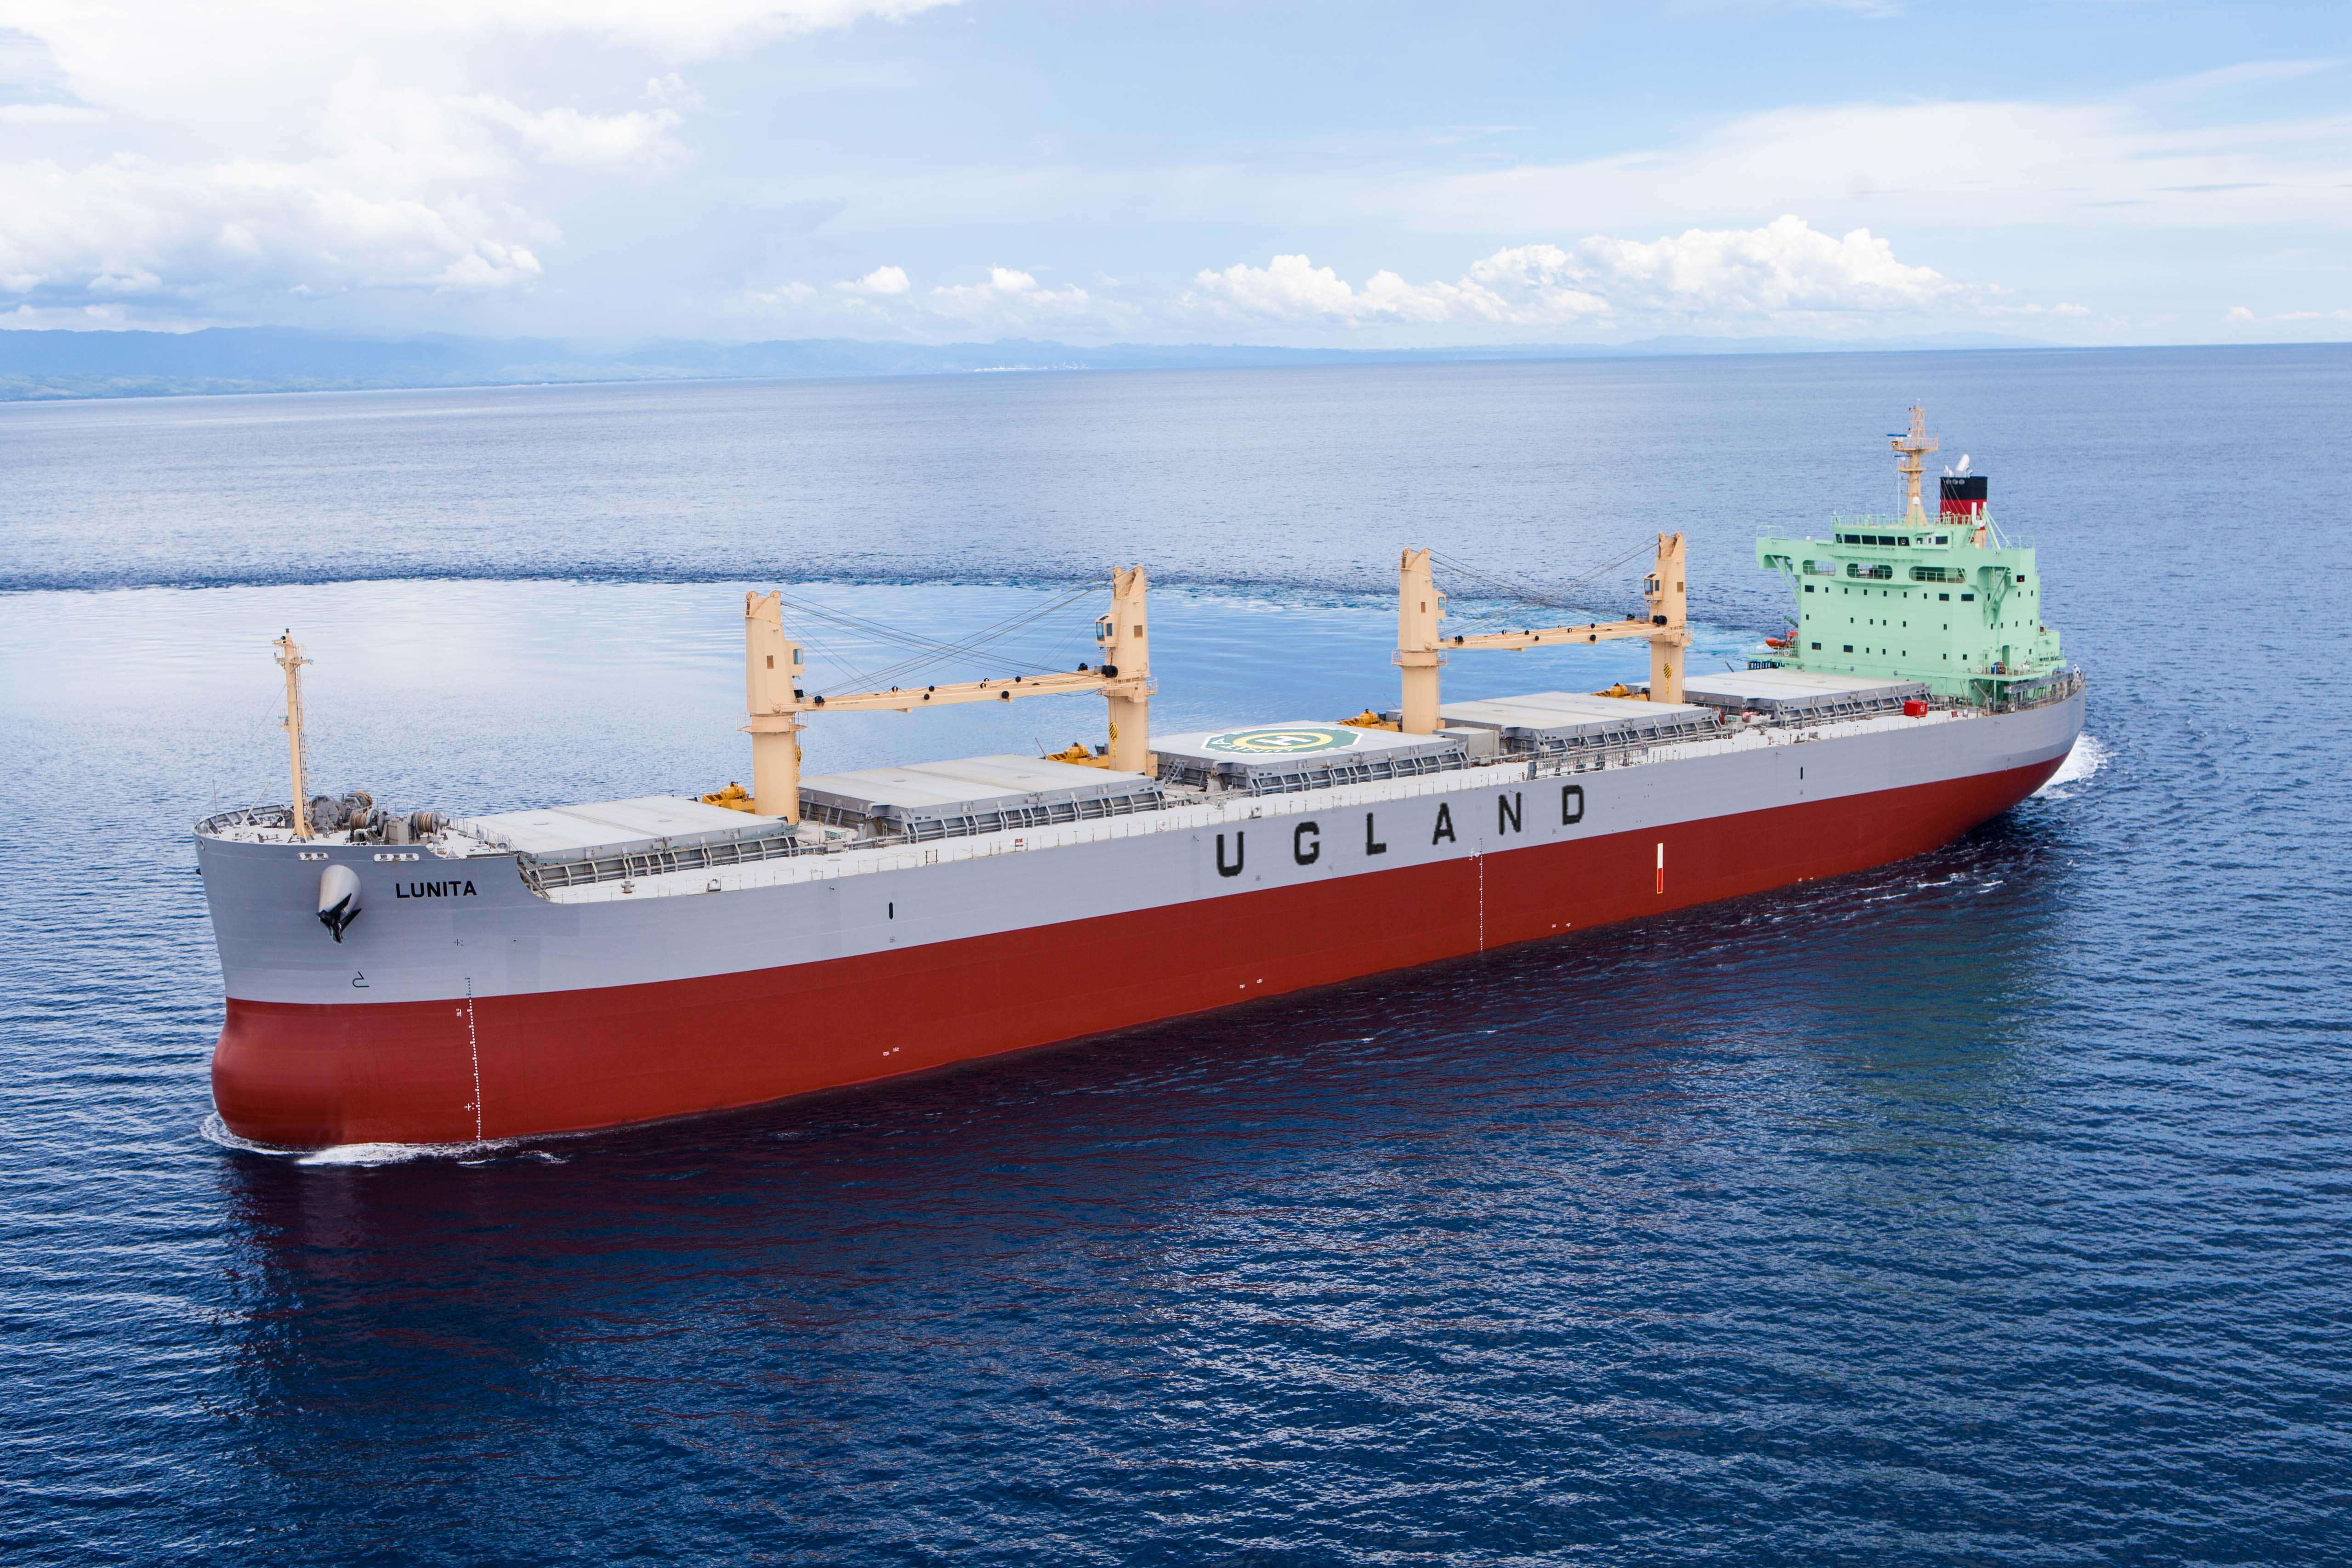 """常石造船海外集团公司的TSUNEISHI HEAVY INDUSTRIES (CEBU), Inc.于本月建成、交付了散装货物船""""TESS58""""系列的第154艘船舶。"""